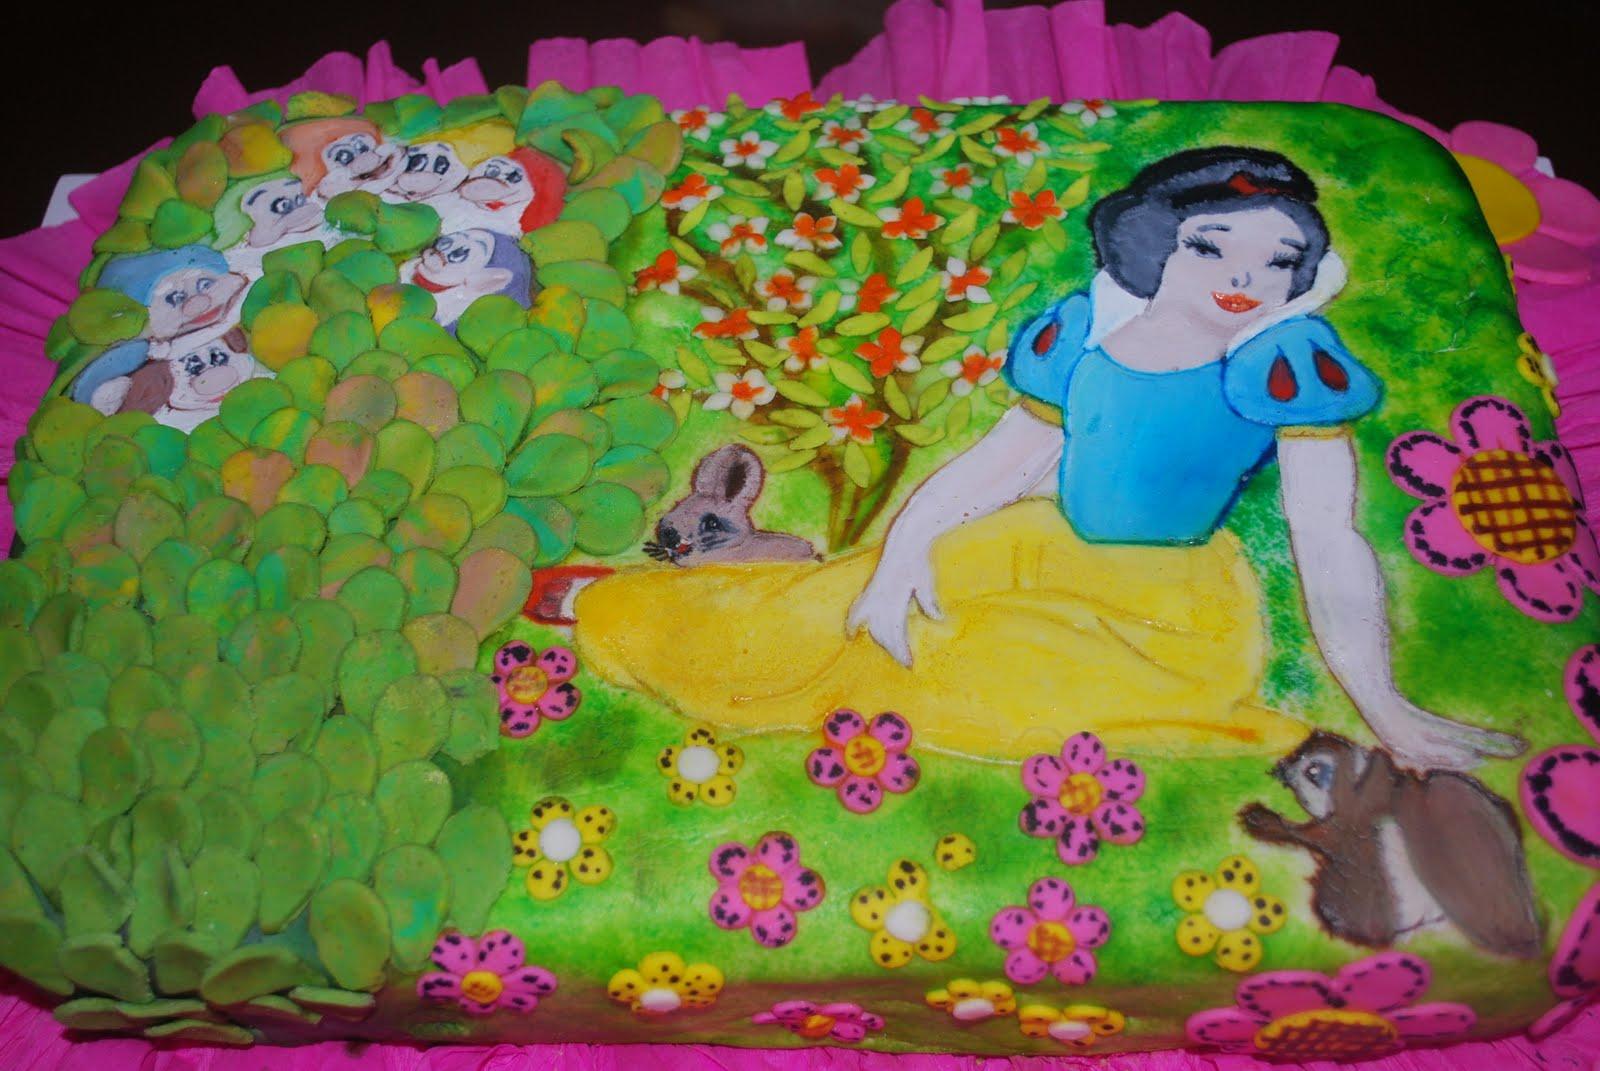 Blanca nieves bebé torta - Imagui